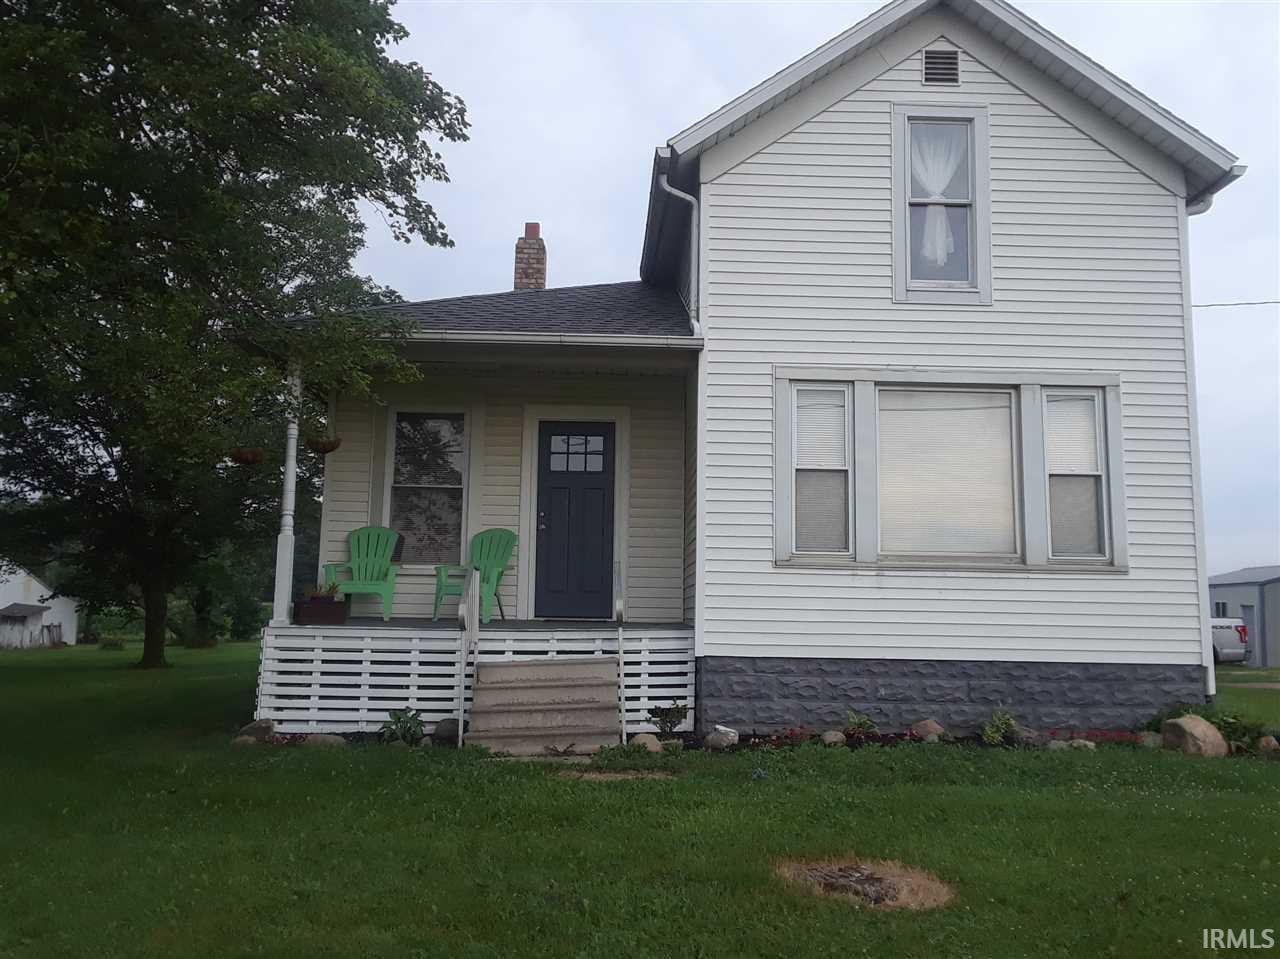 4616 County Road 41, Auburn, IN 46706